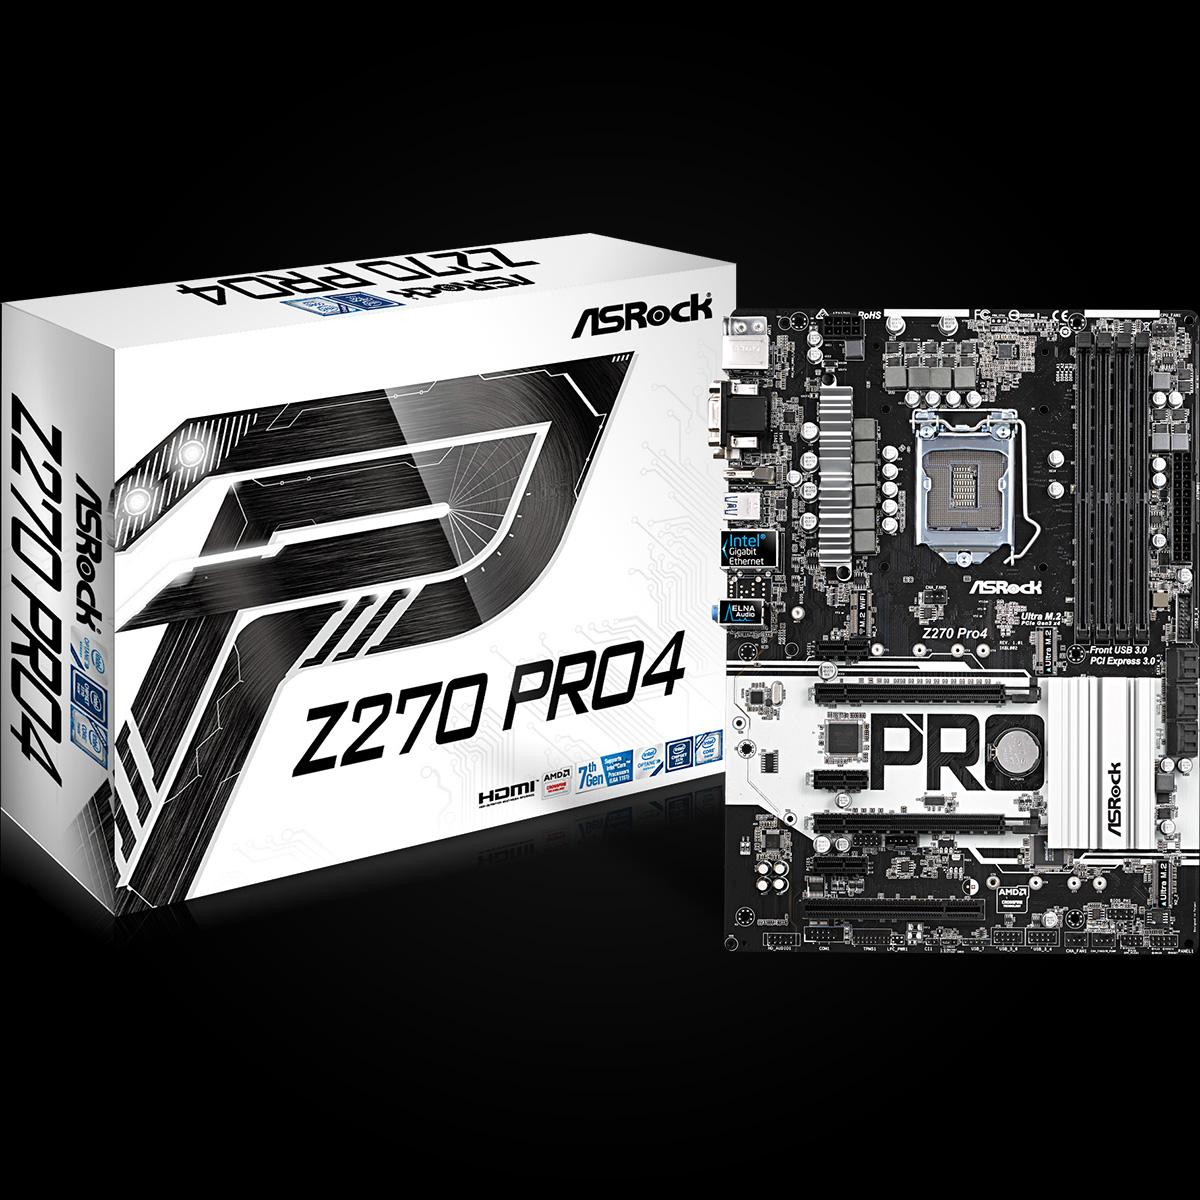 ASROCK INTEL Z270-PRO4 - SOCKET 1151 - DDR4 - ATX MOTHERBOARD